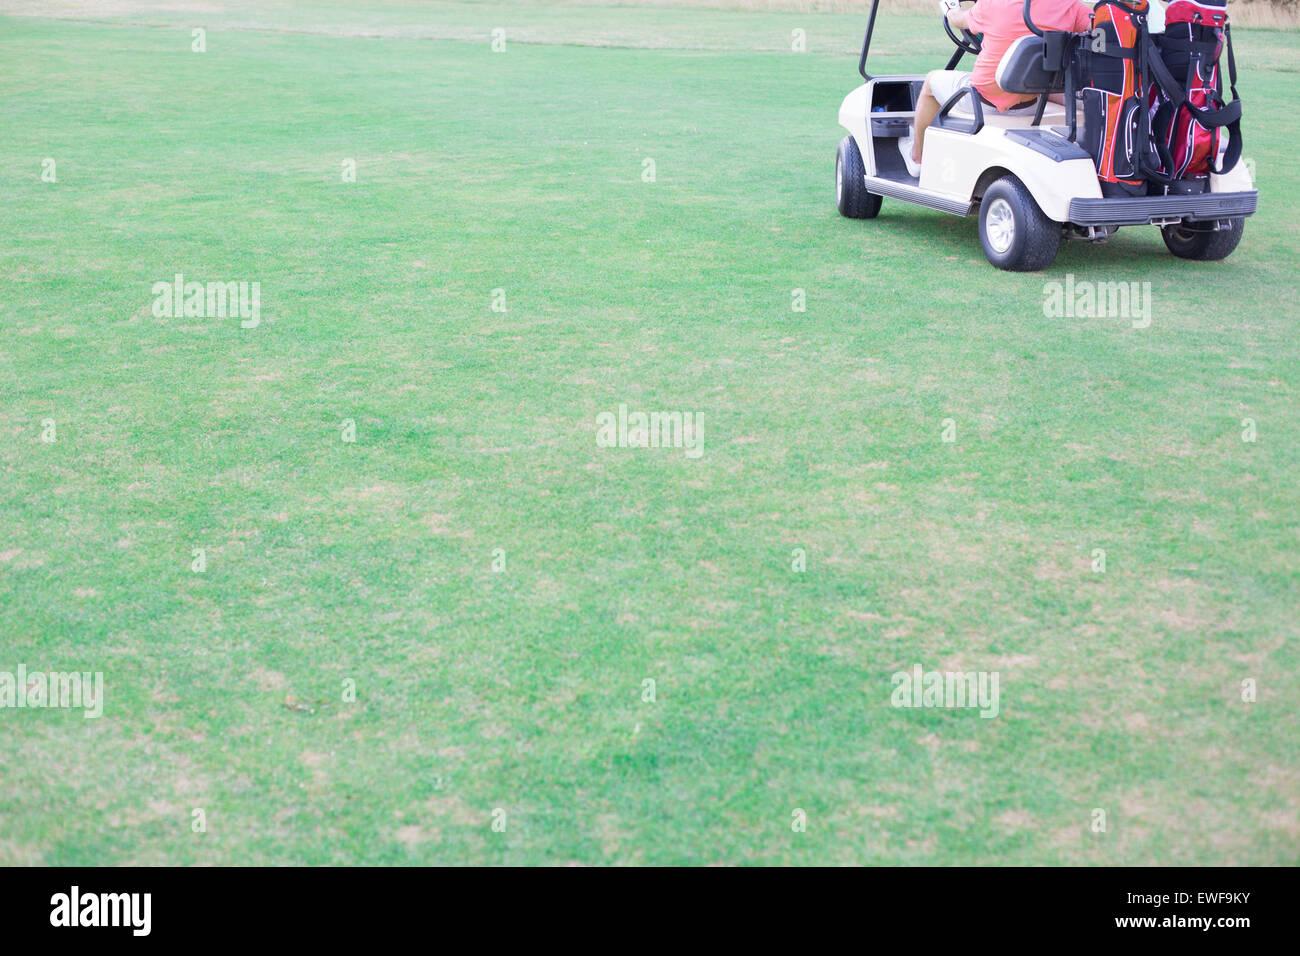 La section basse de l'homme d'âge moyen roulant chariot de golf Photo Stock